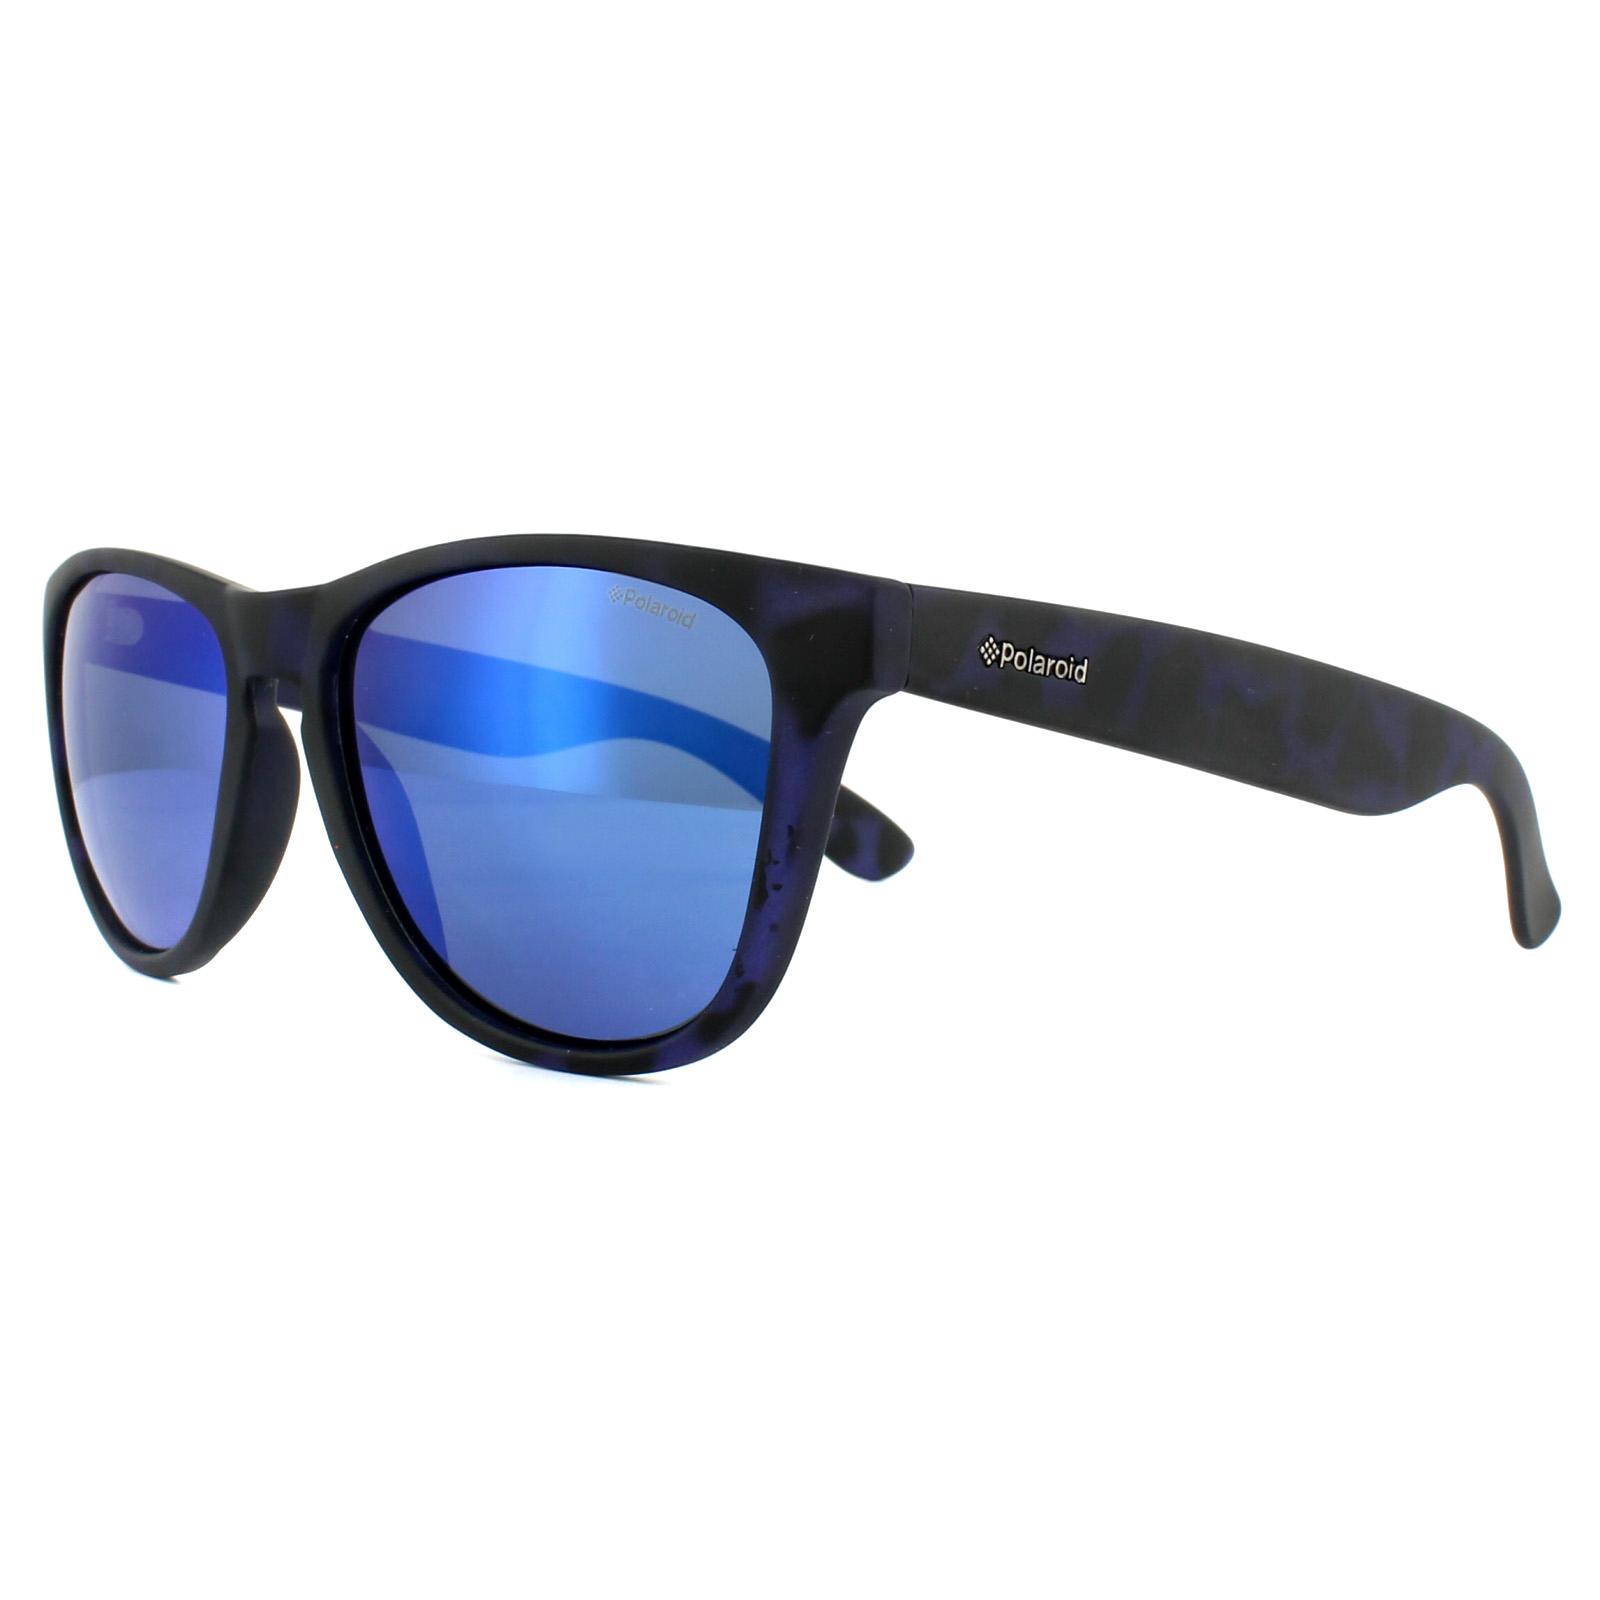 8ed5351d970 Sentinel Polaroid Sunglasses P8443 FLL JY Matt Blue Pattern Blue Mirror  Polarized